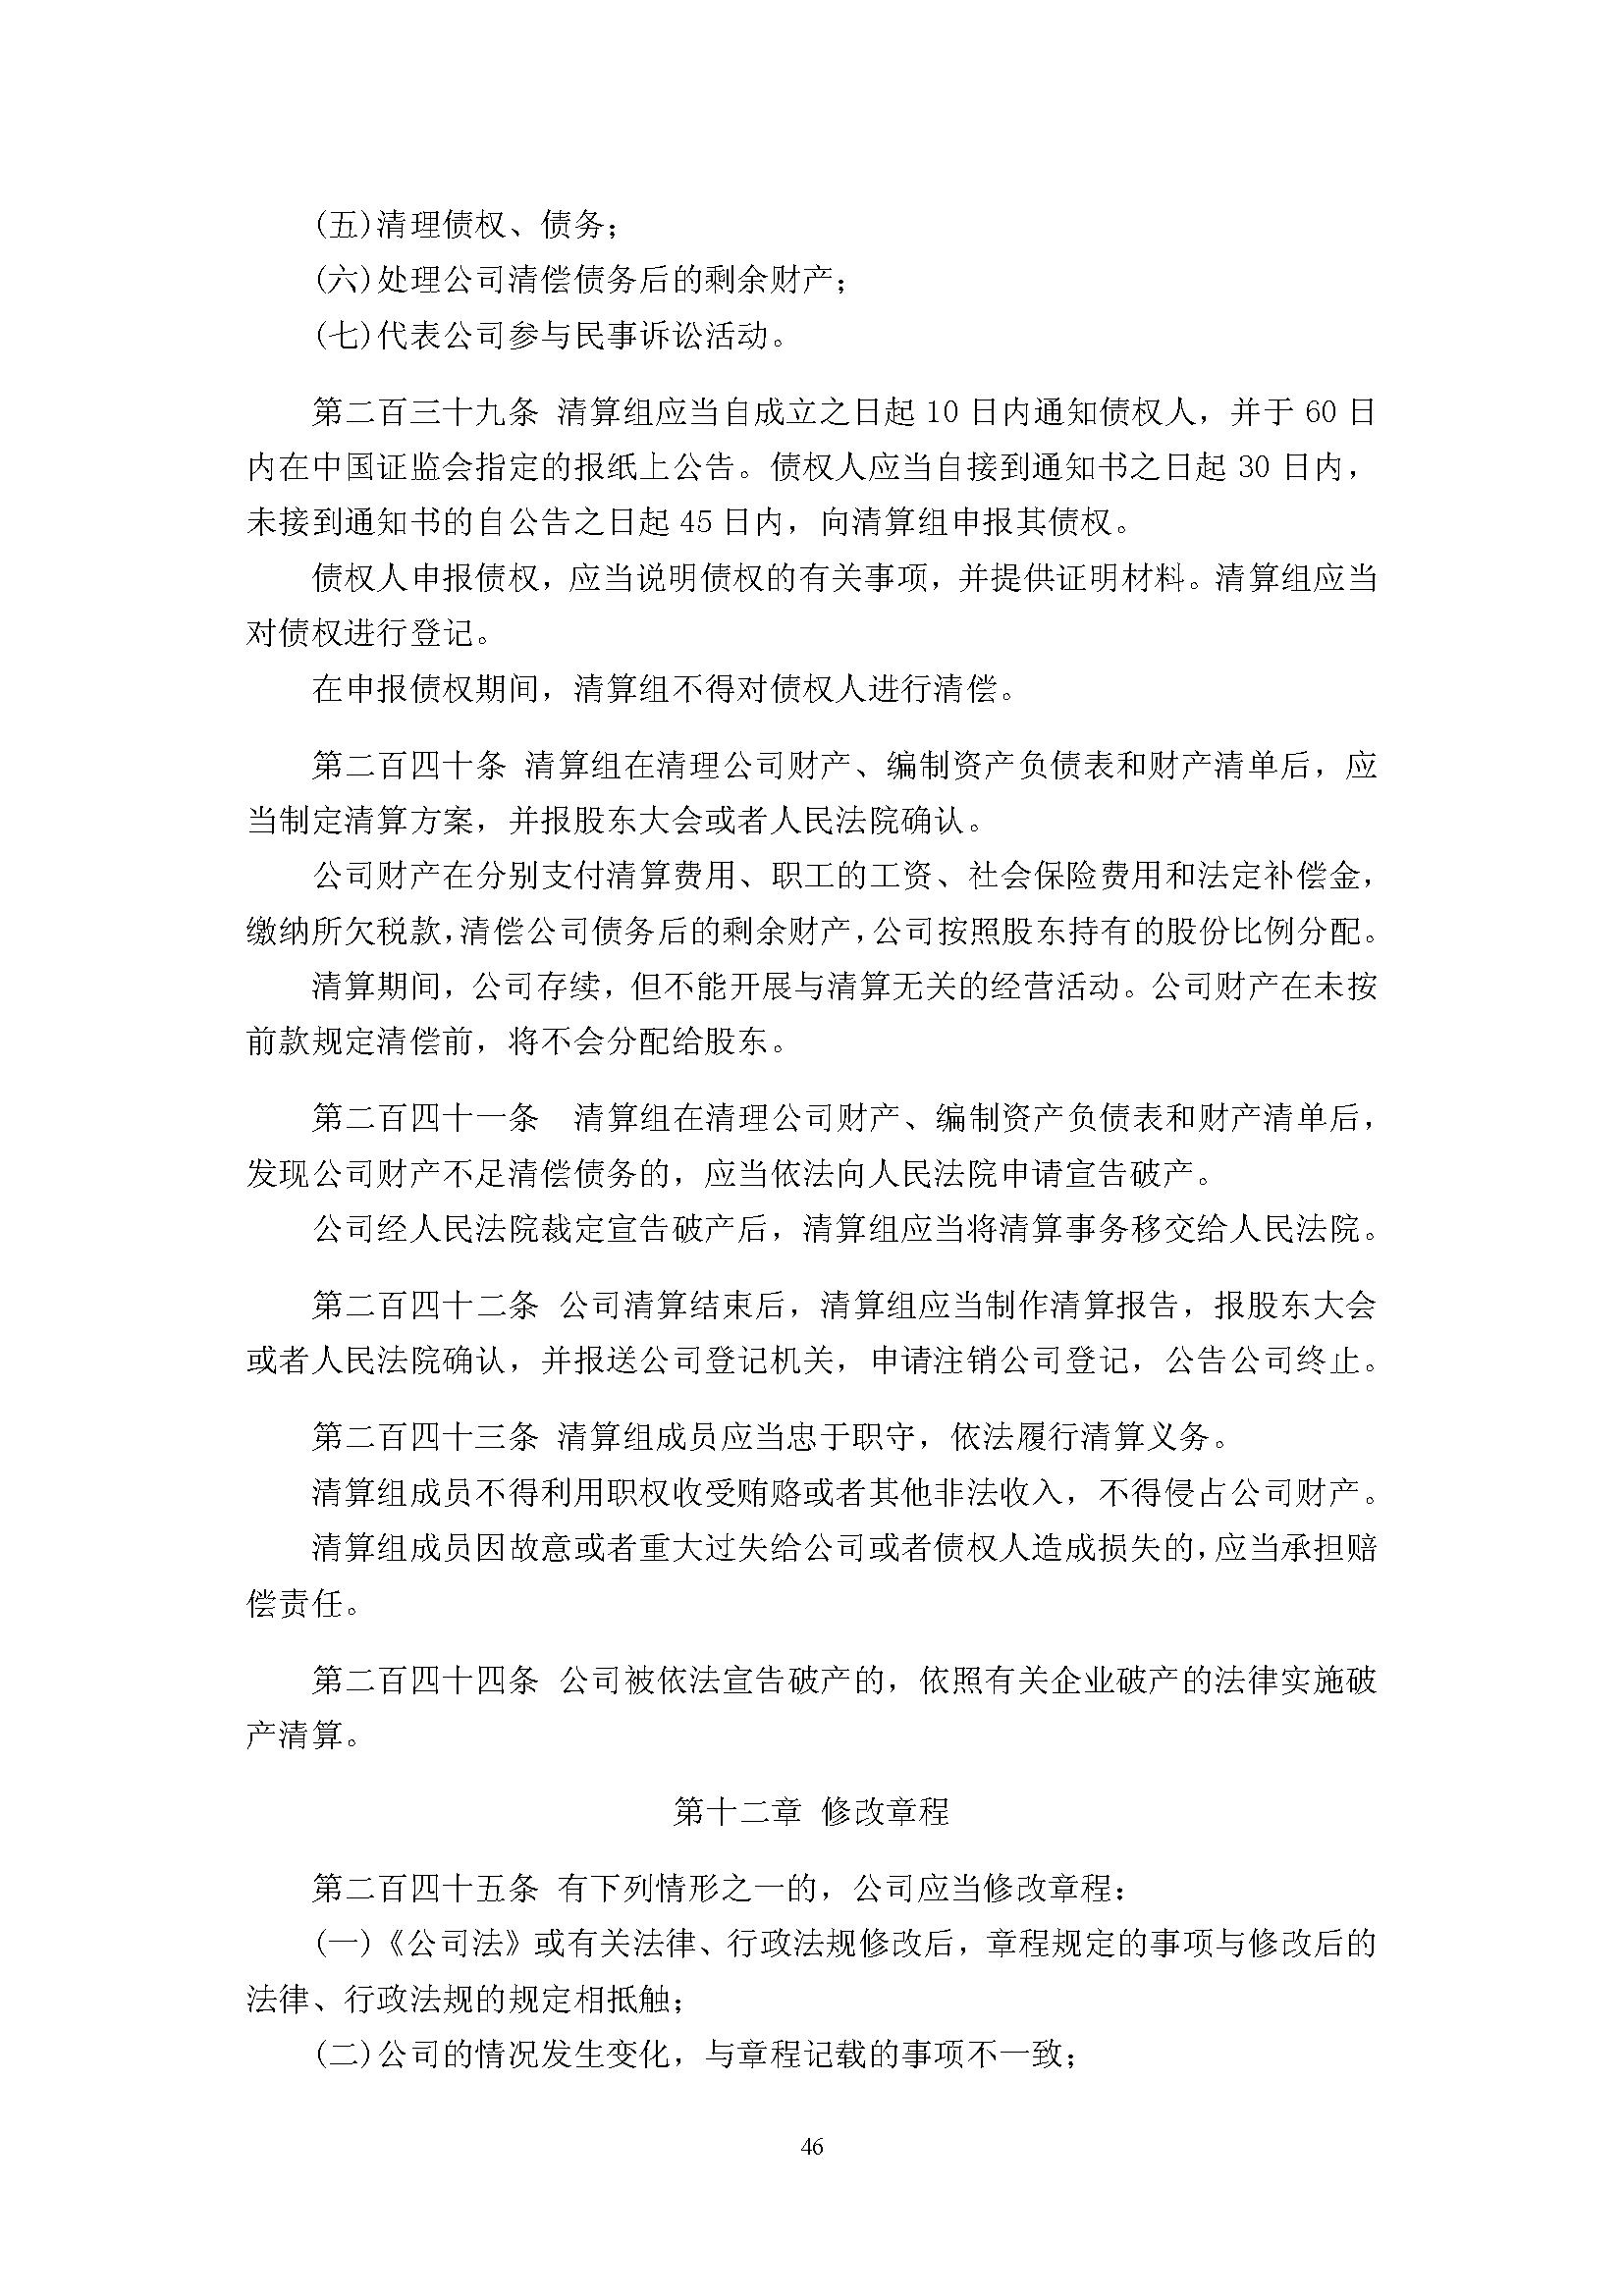 宜华生活公司章程(2019-5-31)_页面_46.png